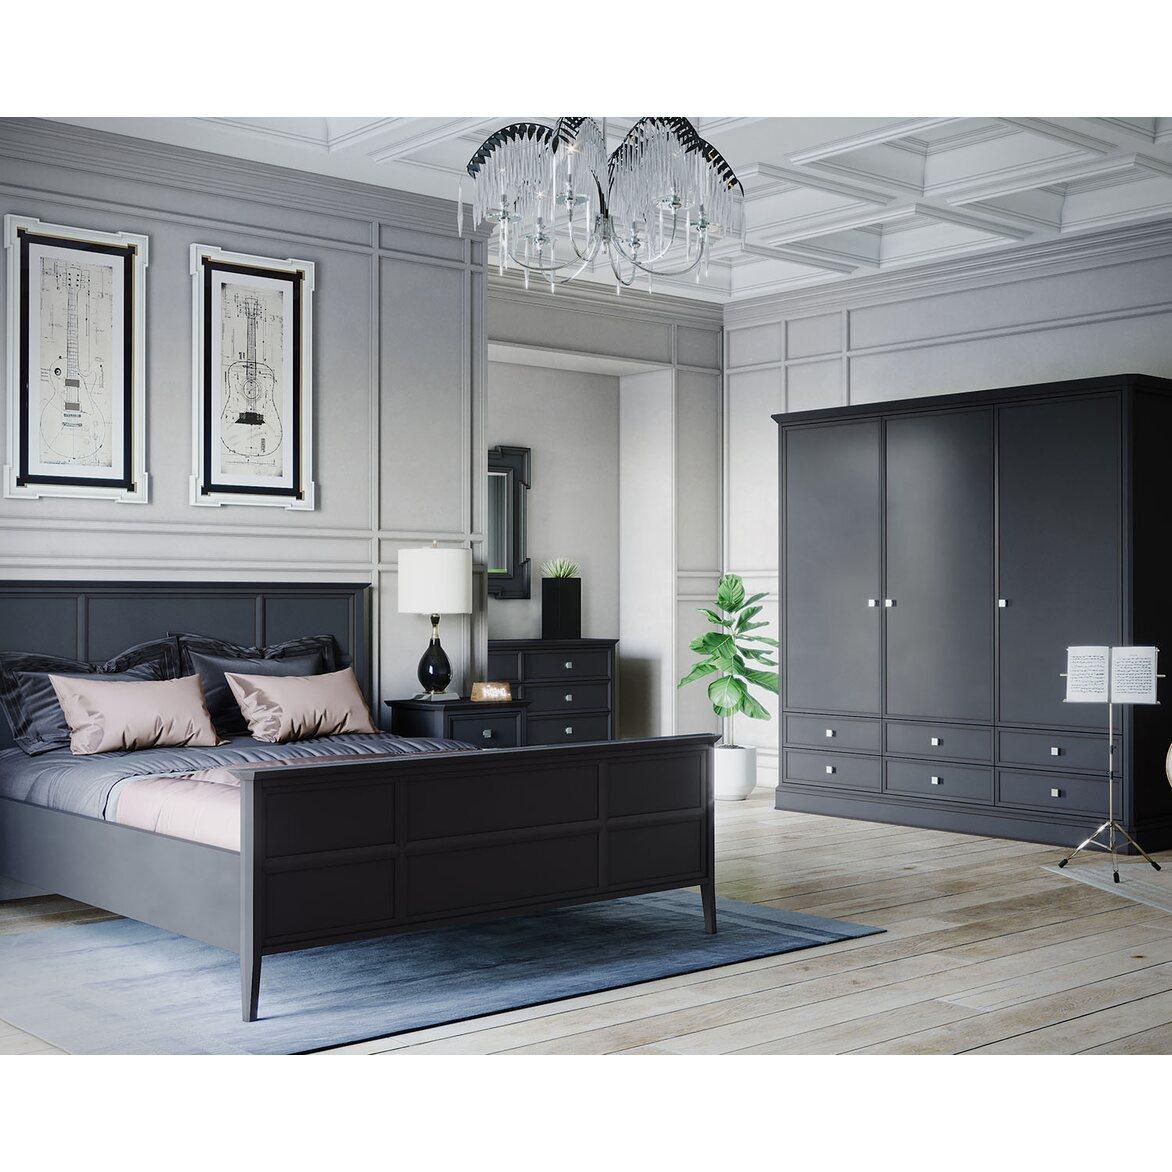 Письменный стол с 3-я ящиками Ellington, черный 5 | Письменные столы Kingsby